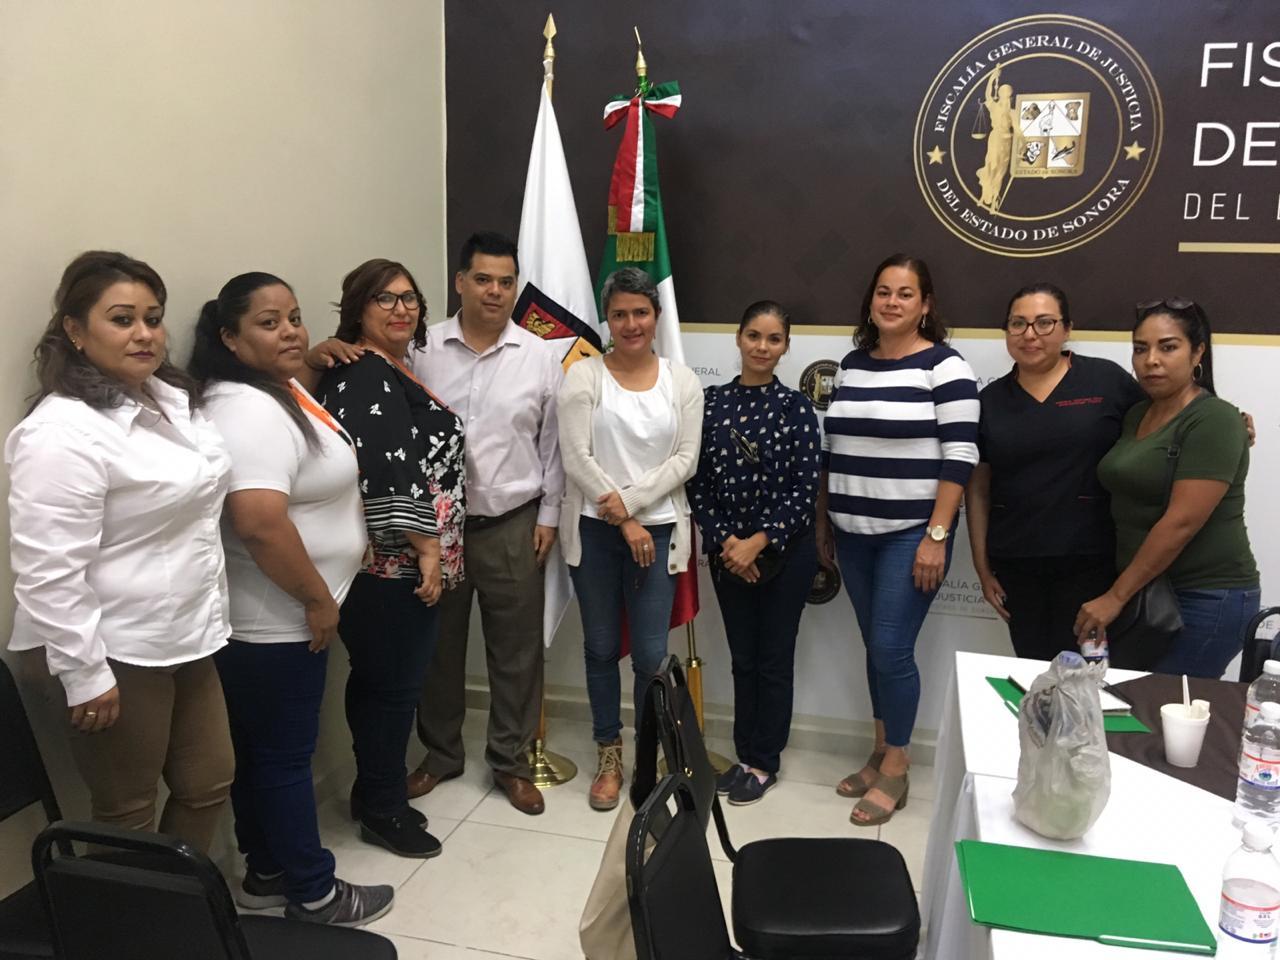 Sonora tendrá una comisión para buscar a los desaparecidos en 2020